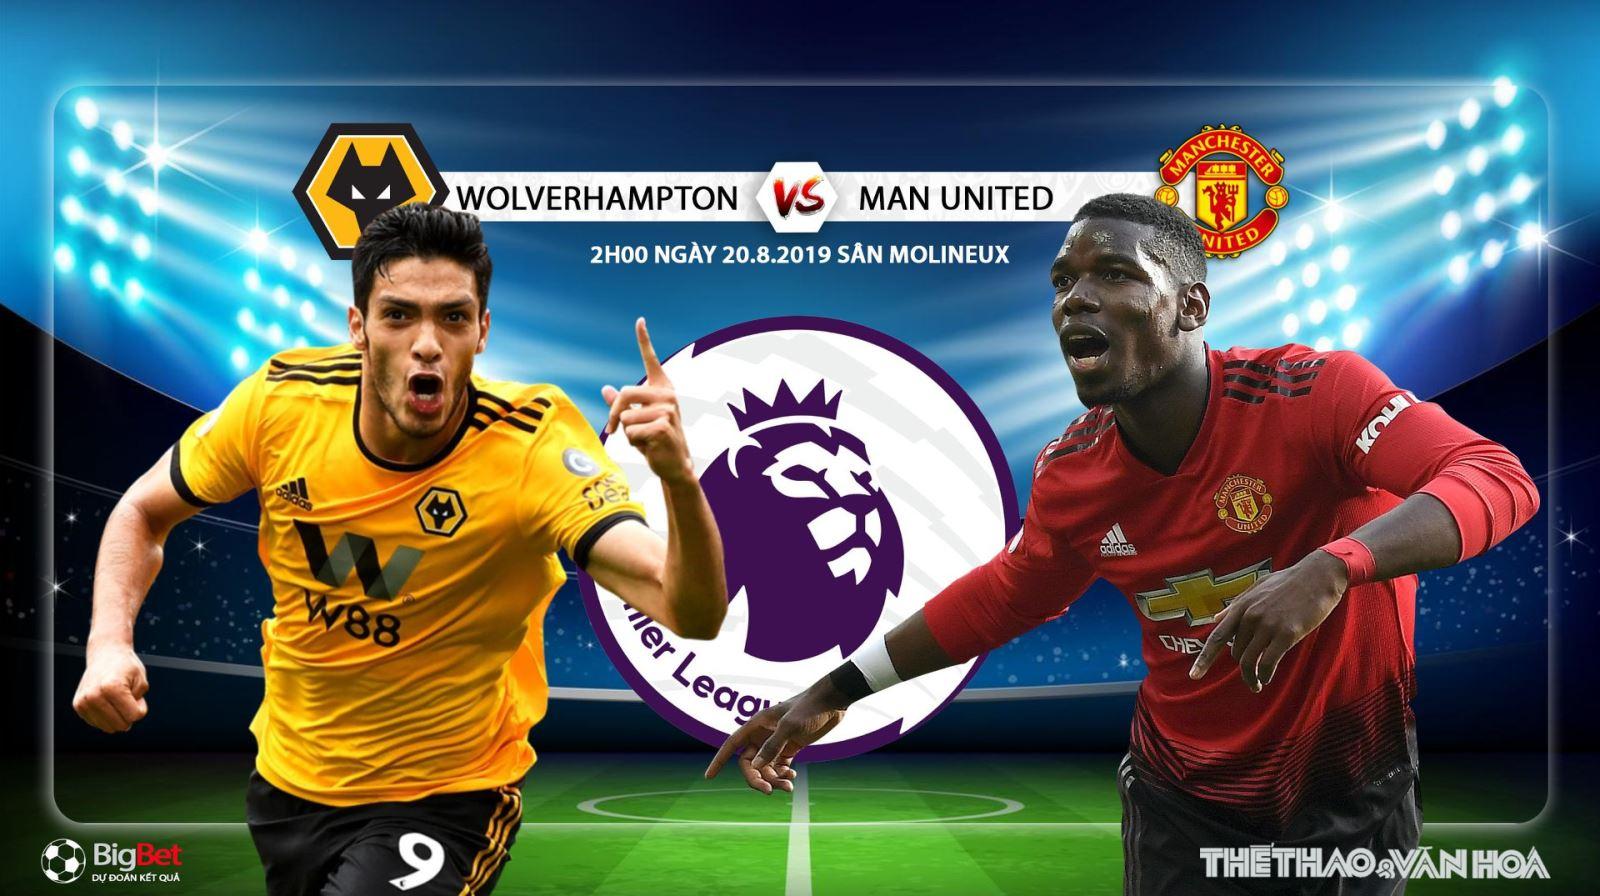 Truc tiep bong da, Trực tiếp bóng đá, Wolves vs MU, trực tiếp MU đấu với Wolves, trực tiếp ngoại hạng Anh, bóng đá trực tuyến, vòng 2 ngoại hạng Anh, K+PM trực tiếp